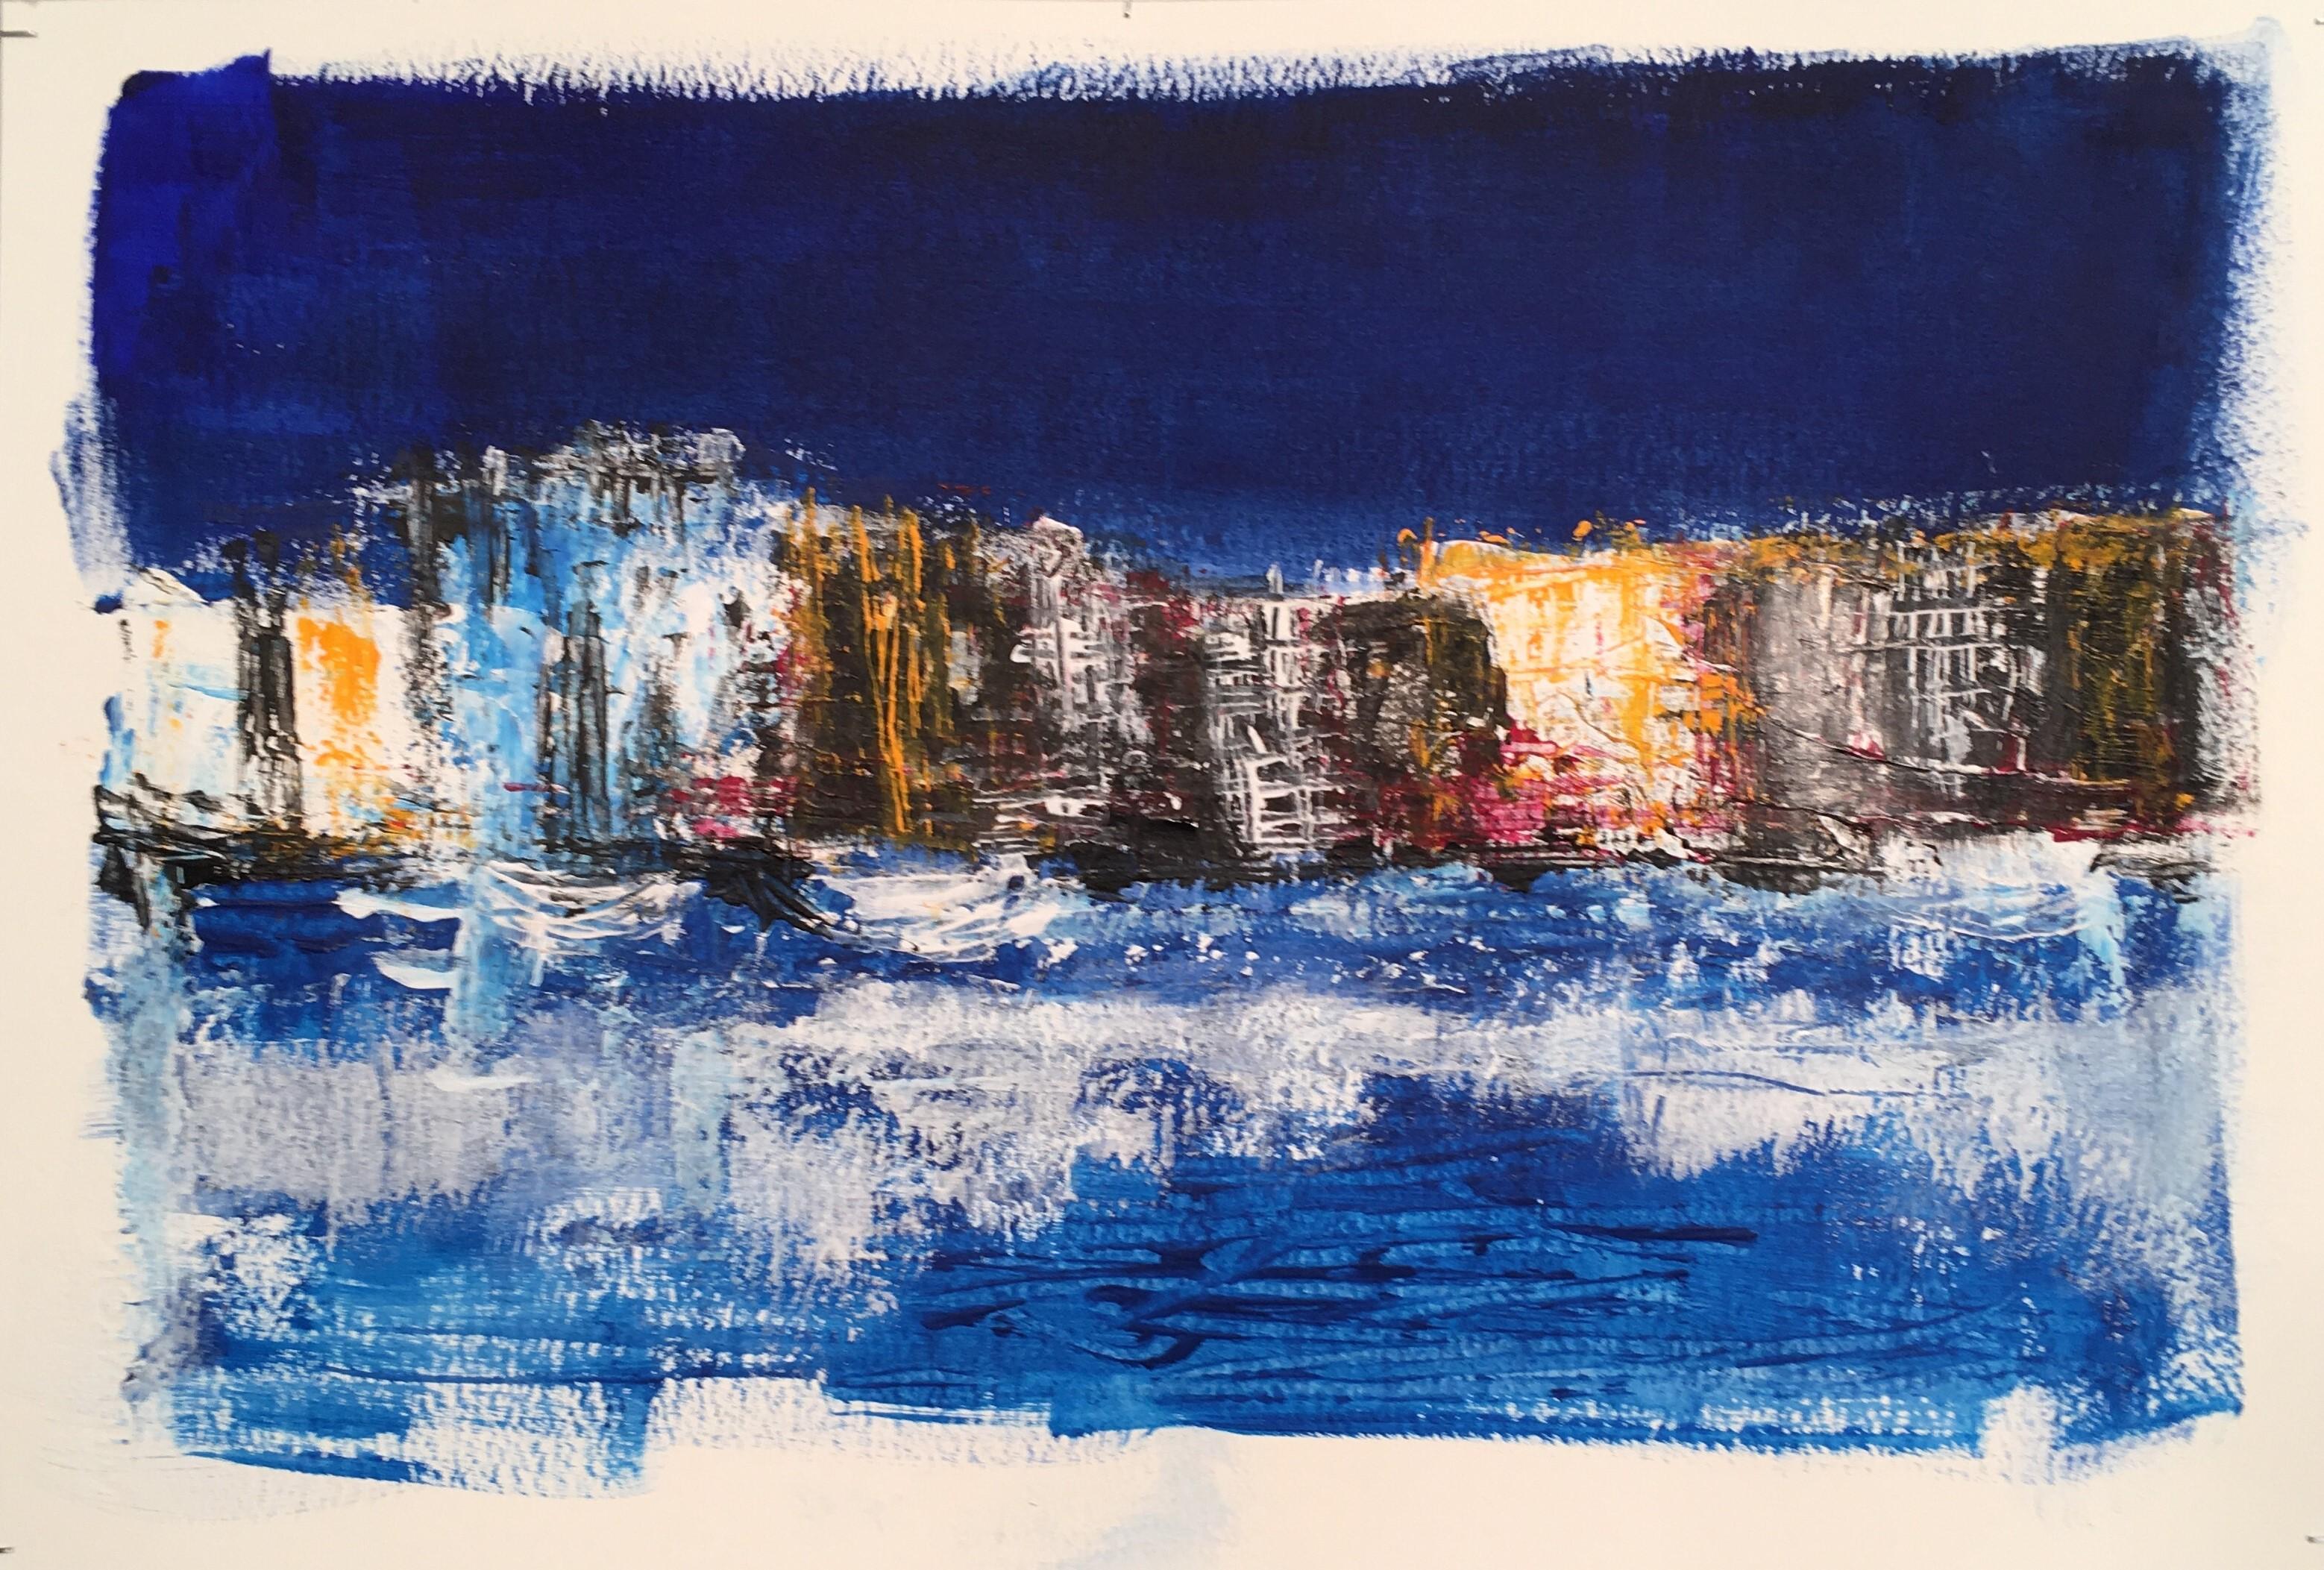 N° 4147 - Port - Acrylique sur papier - 35 x 56 cm - 20 juin 2018